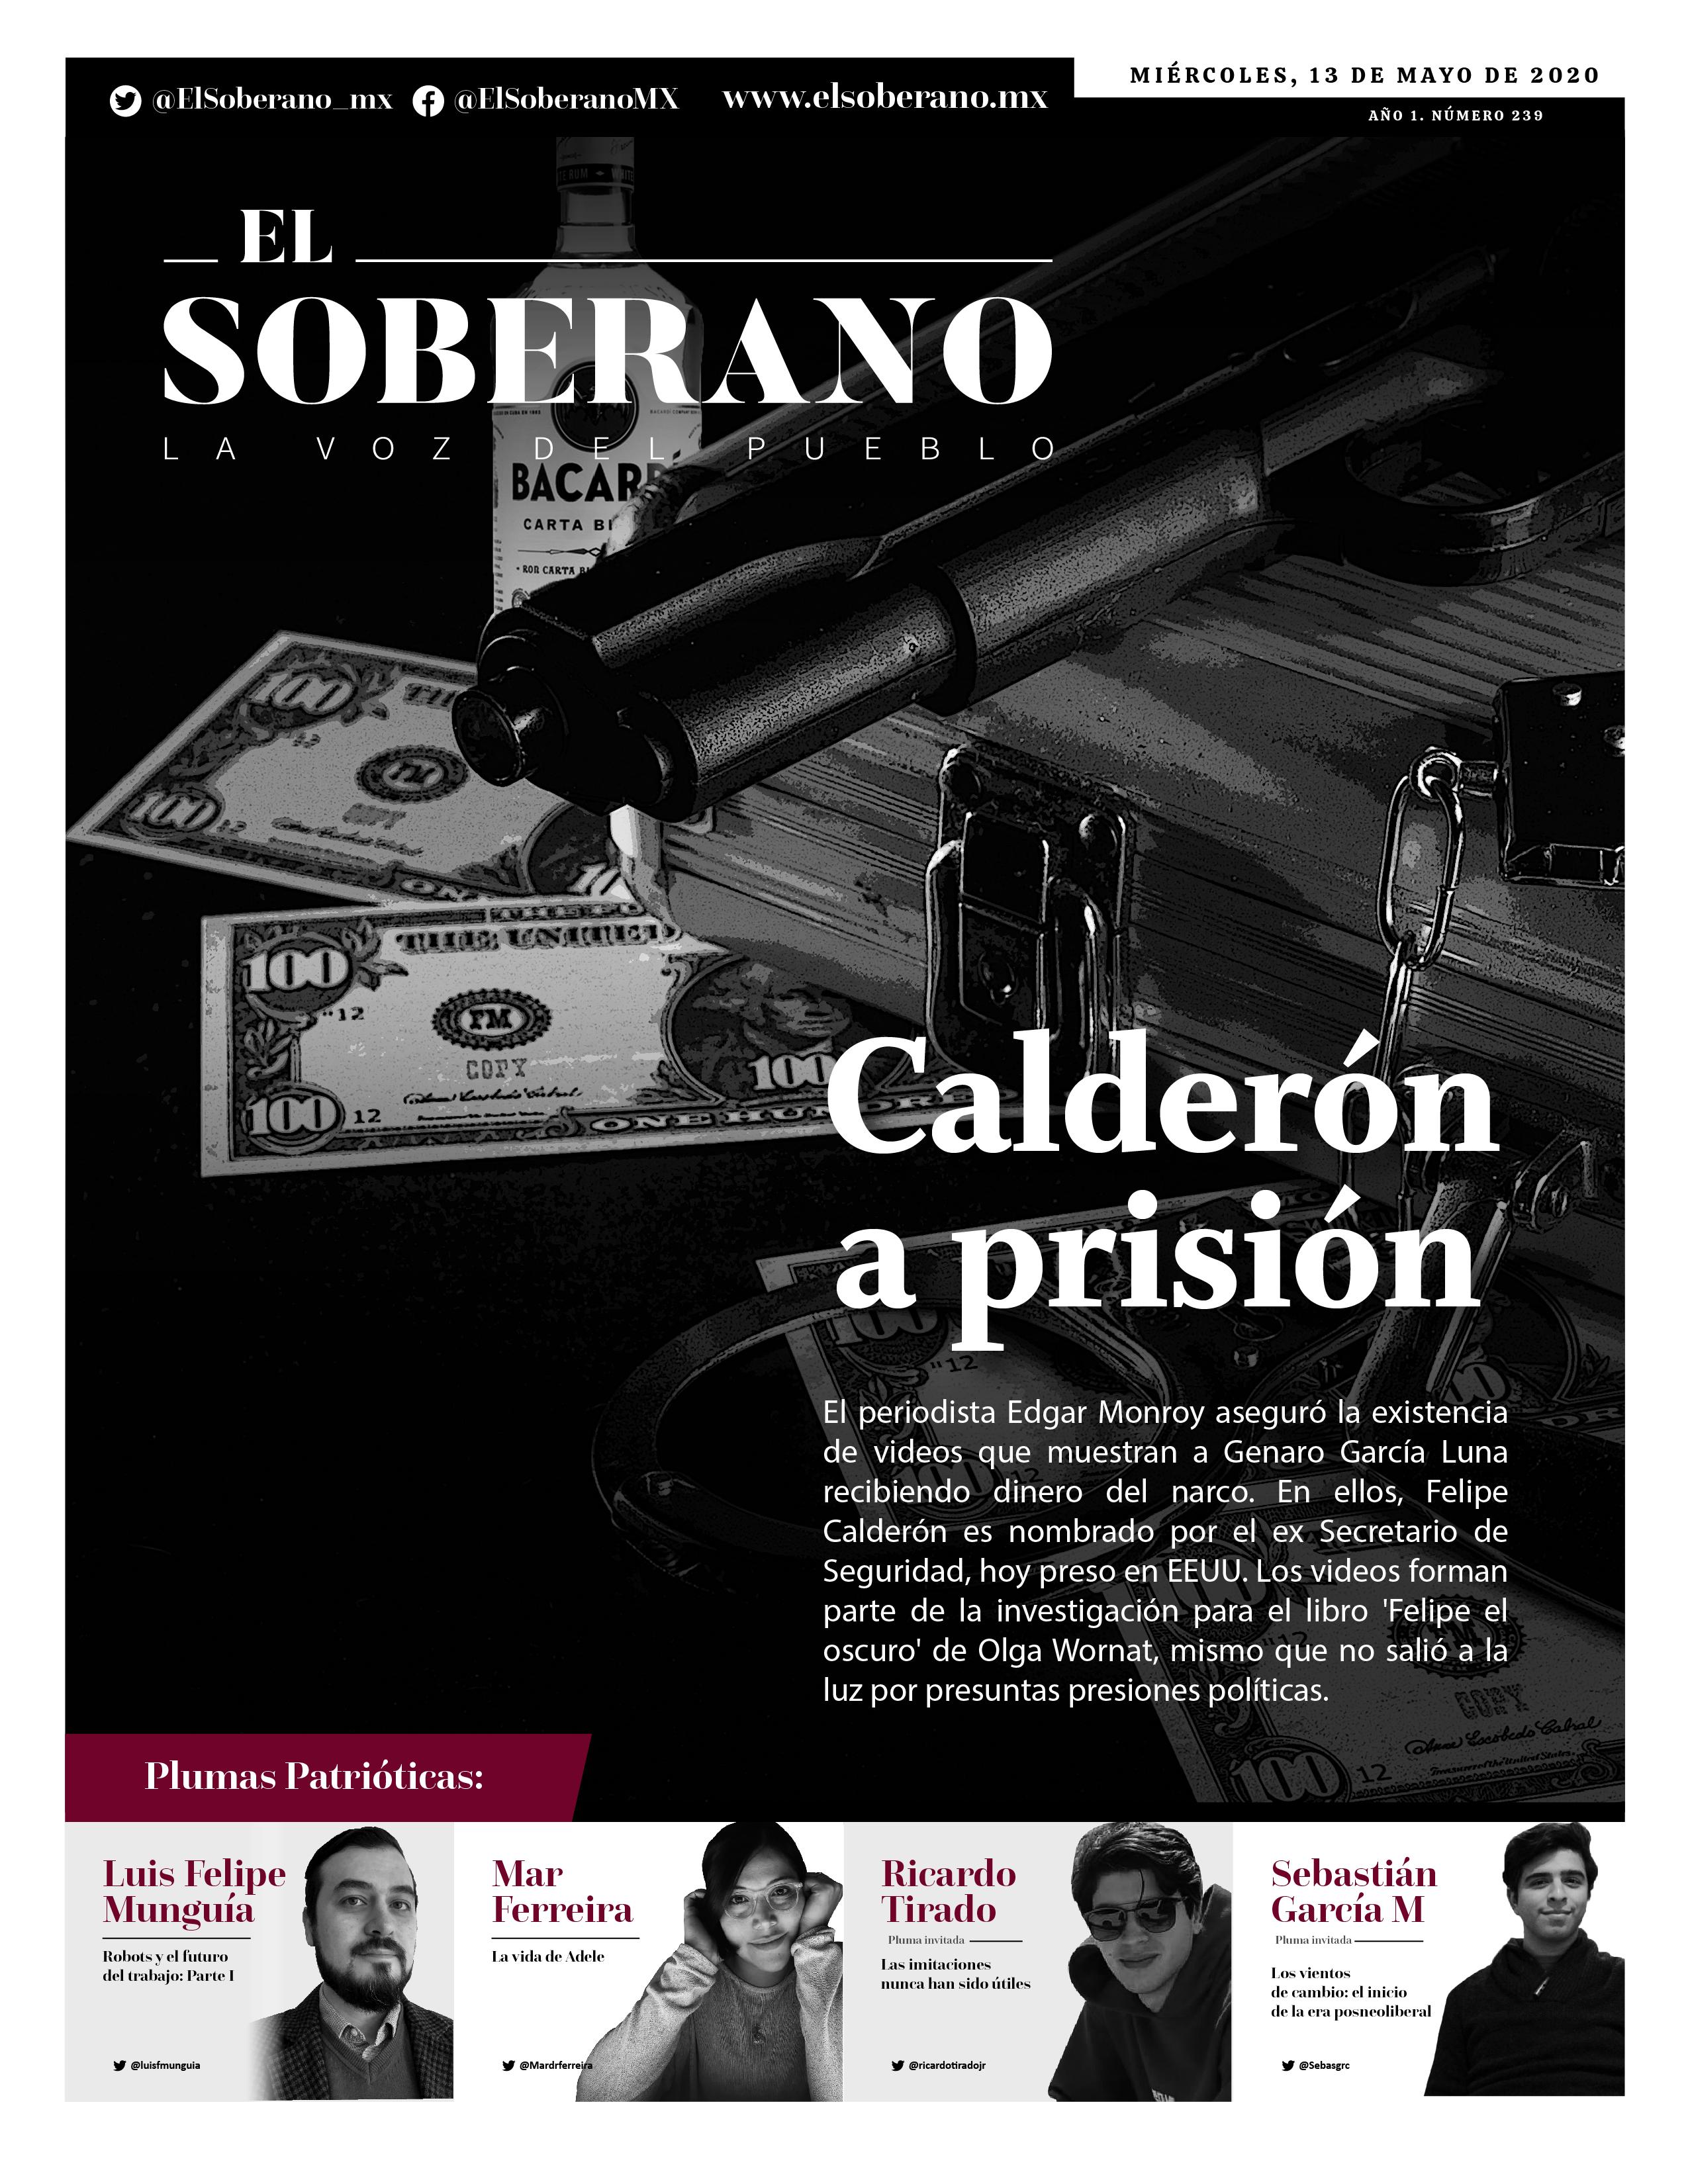 Calderón a prisión